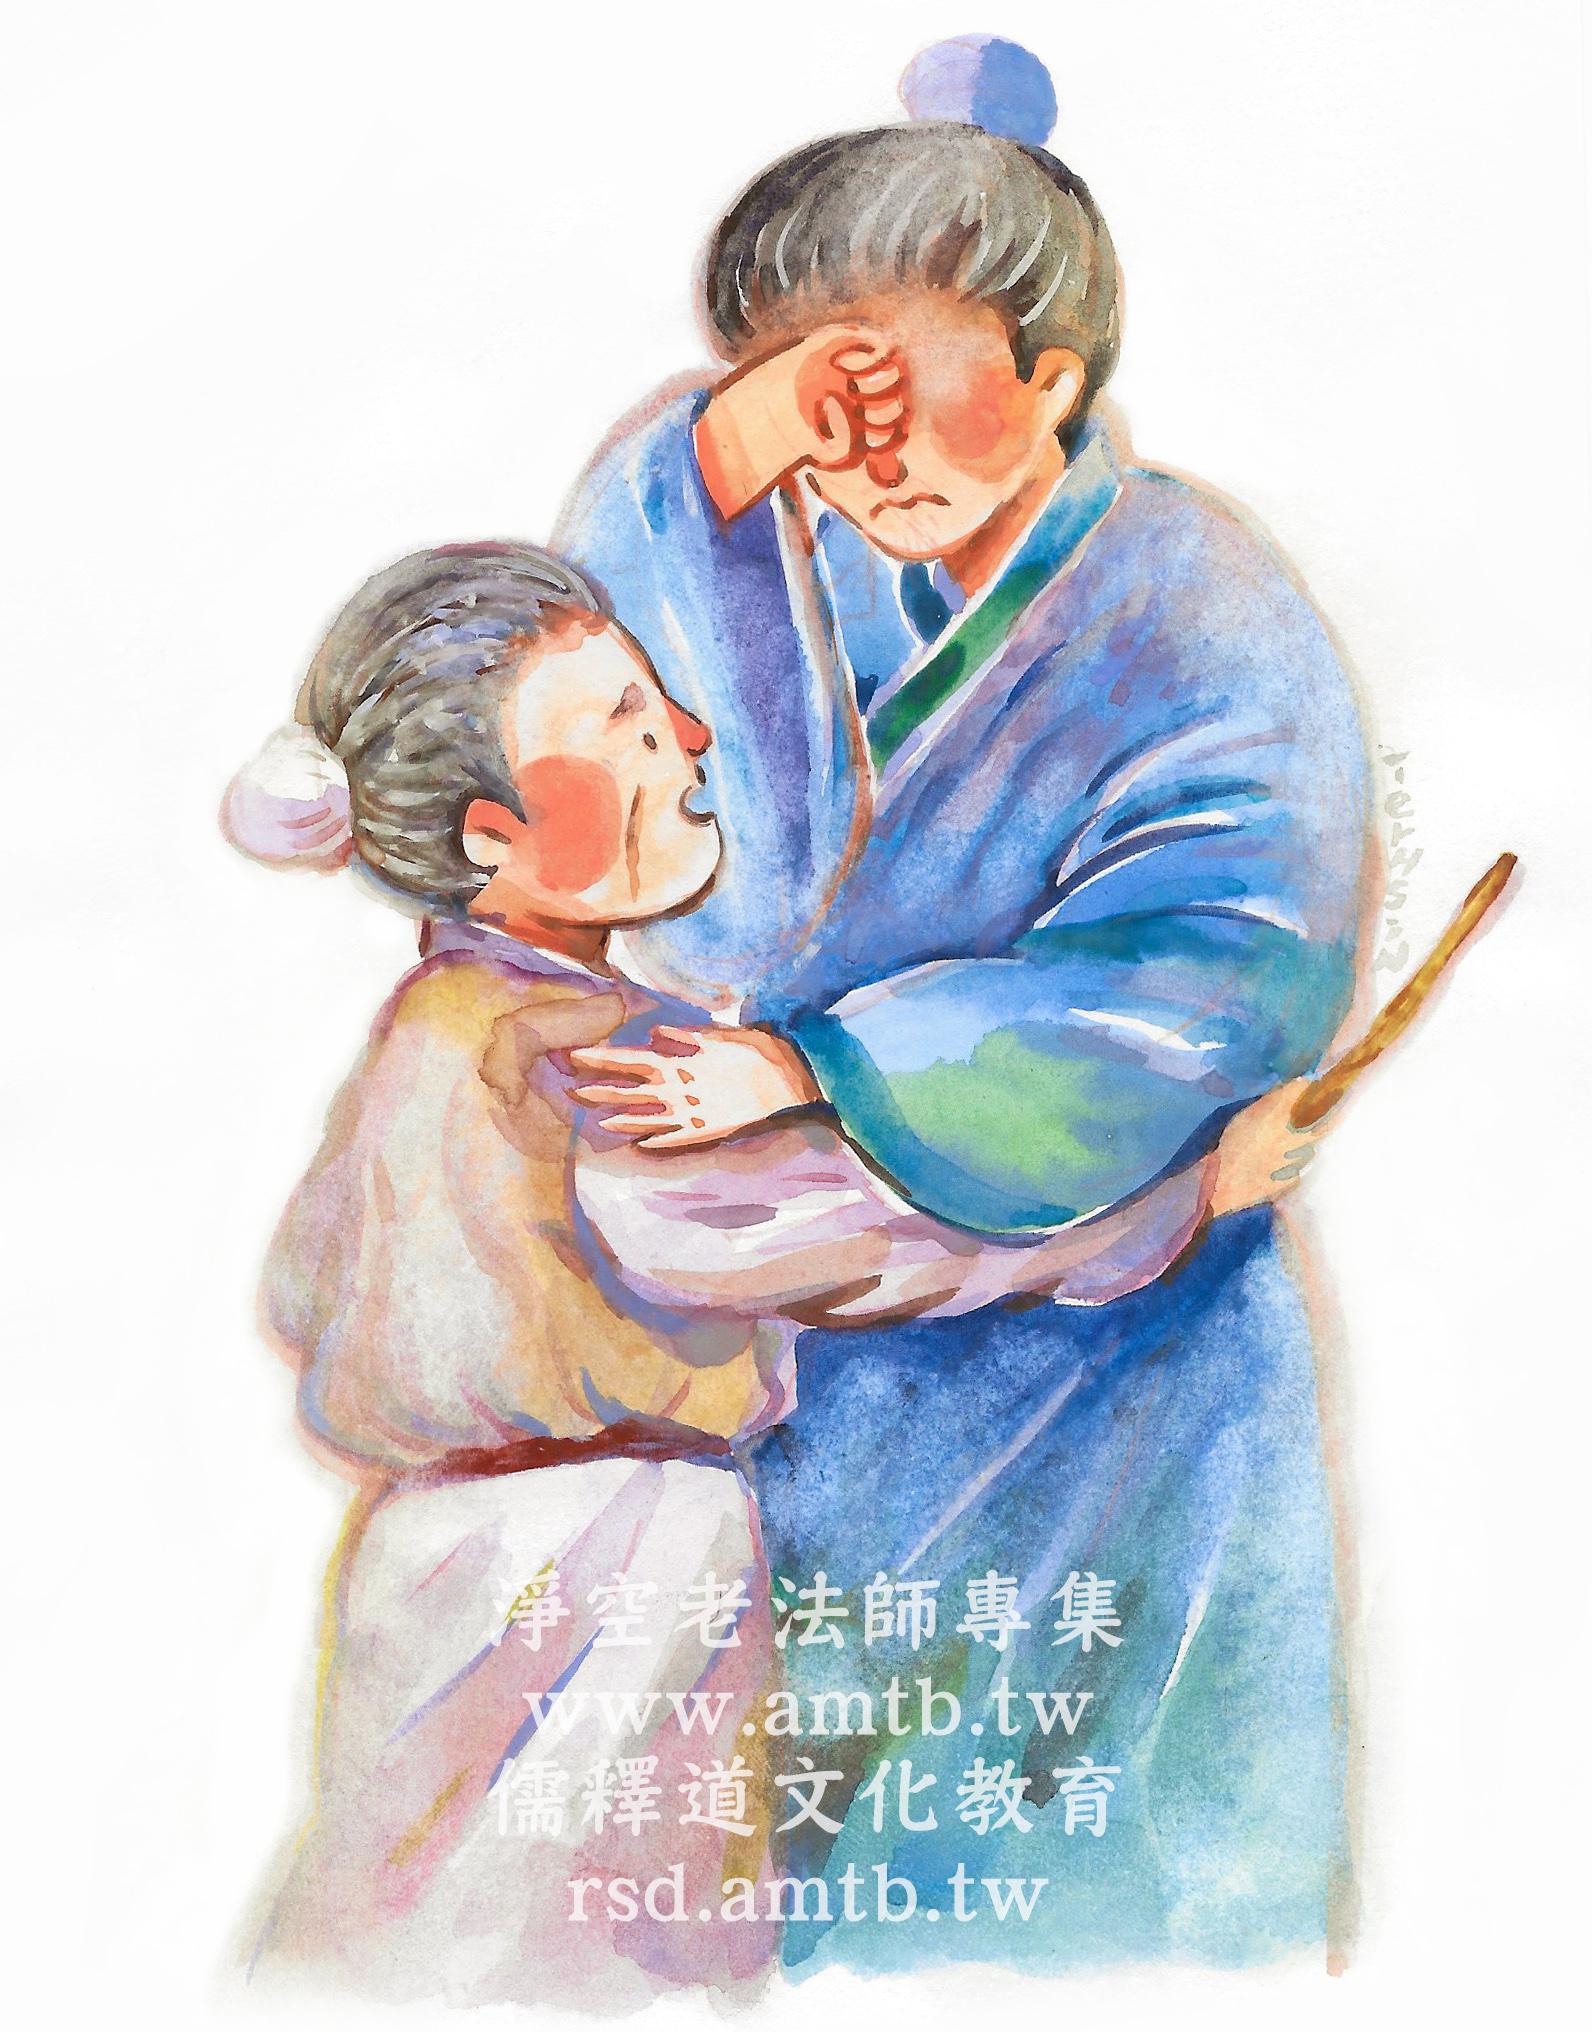 小故事大智慧-伯俞憐母